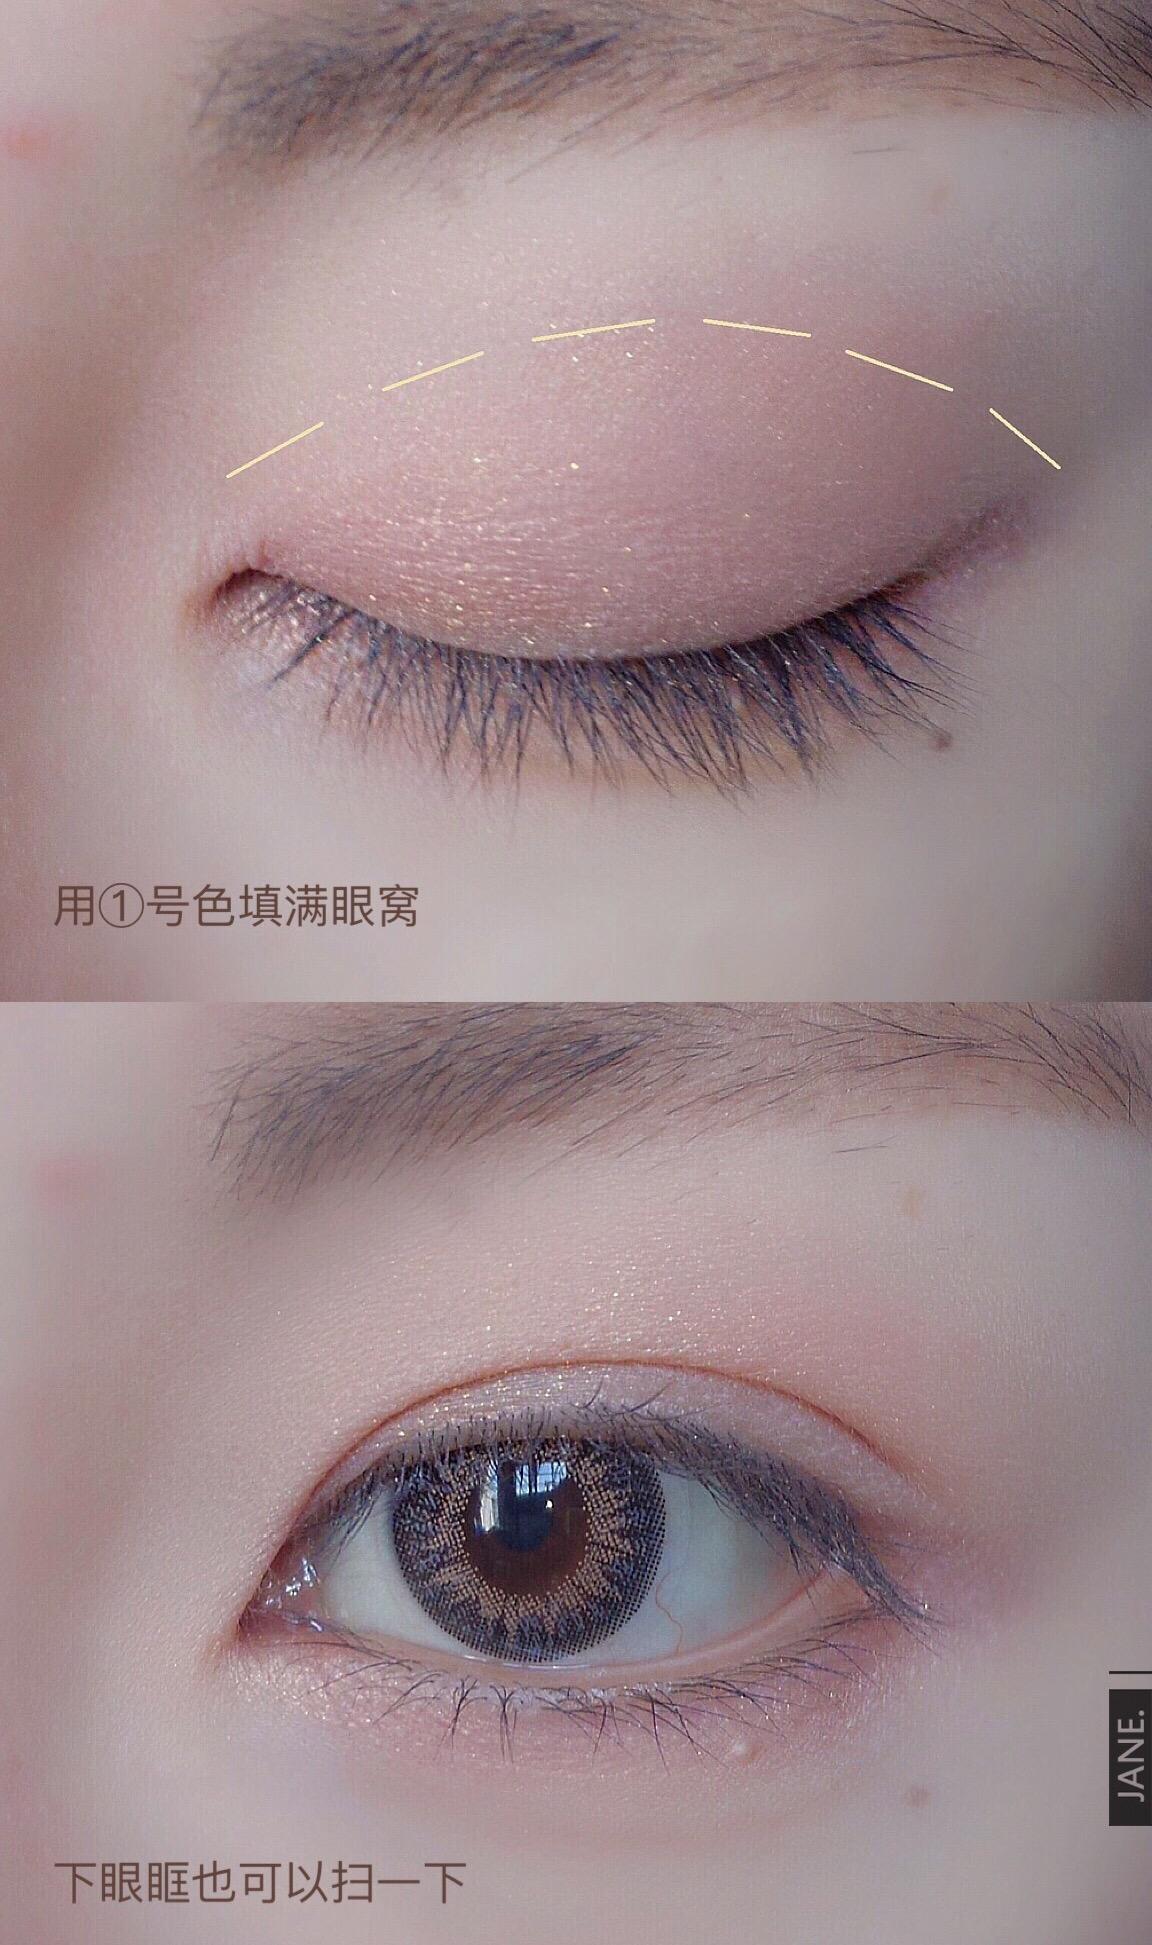 怎么画眼影好看,最新的眼妆推荐